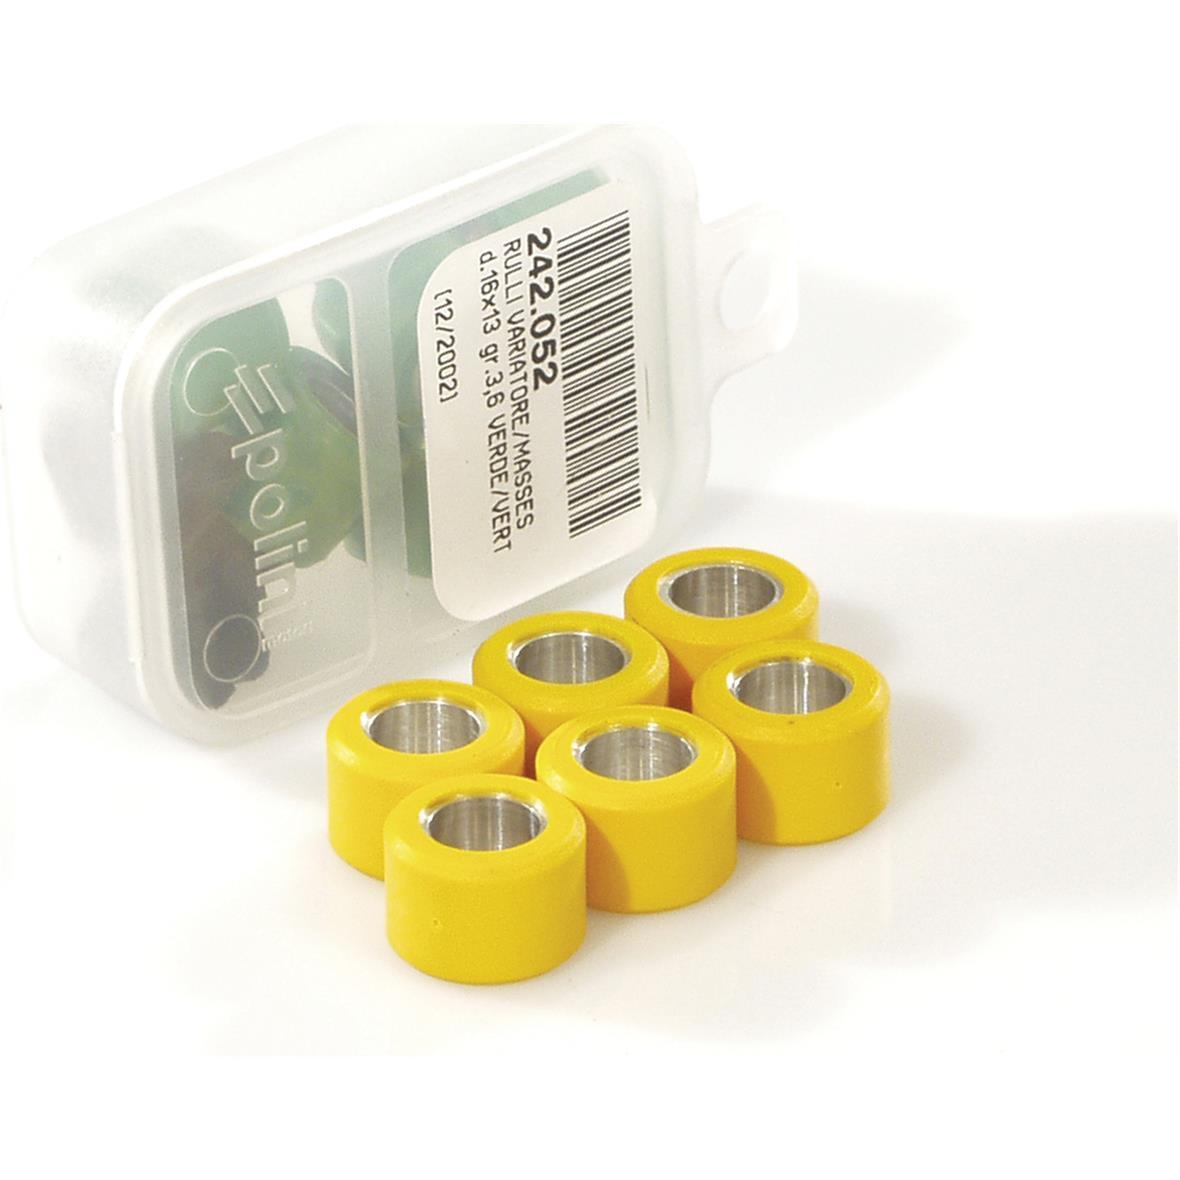 Productafbeelding voor 'Variateur Rollen POLINI 15x12 mm 8,3 gramTitle'